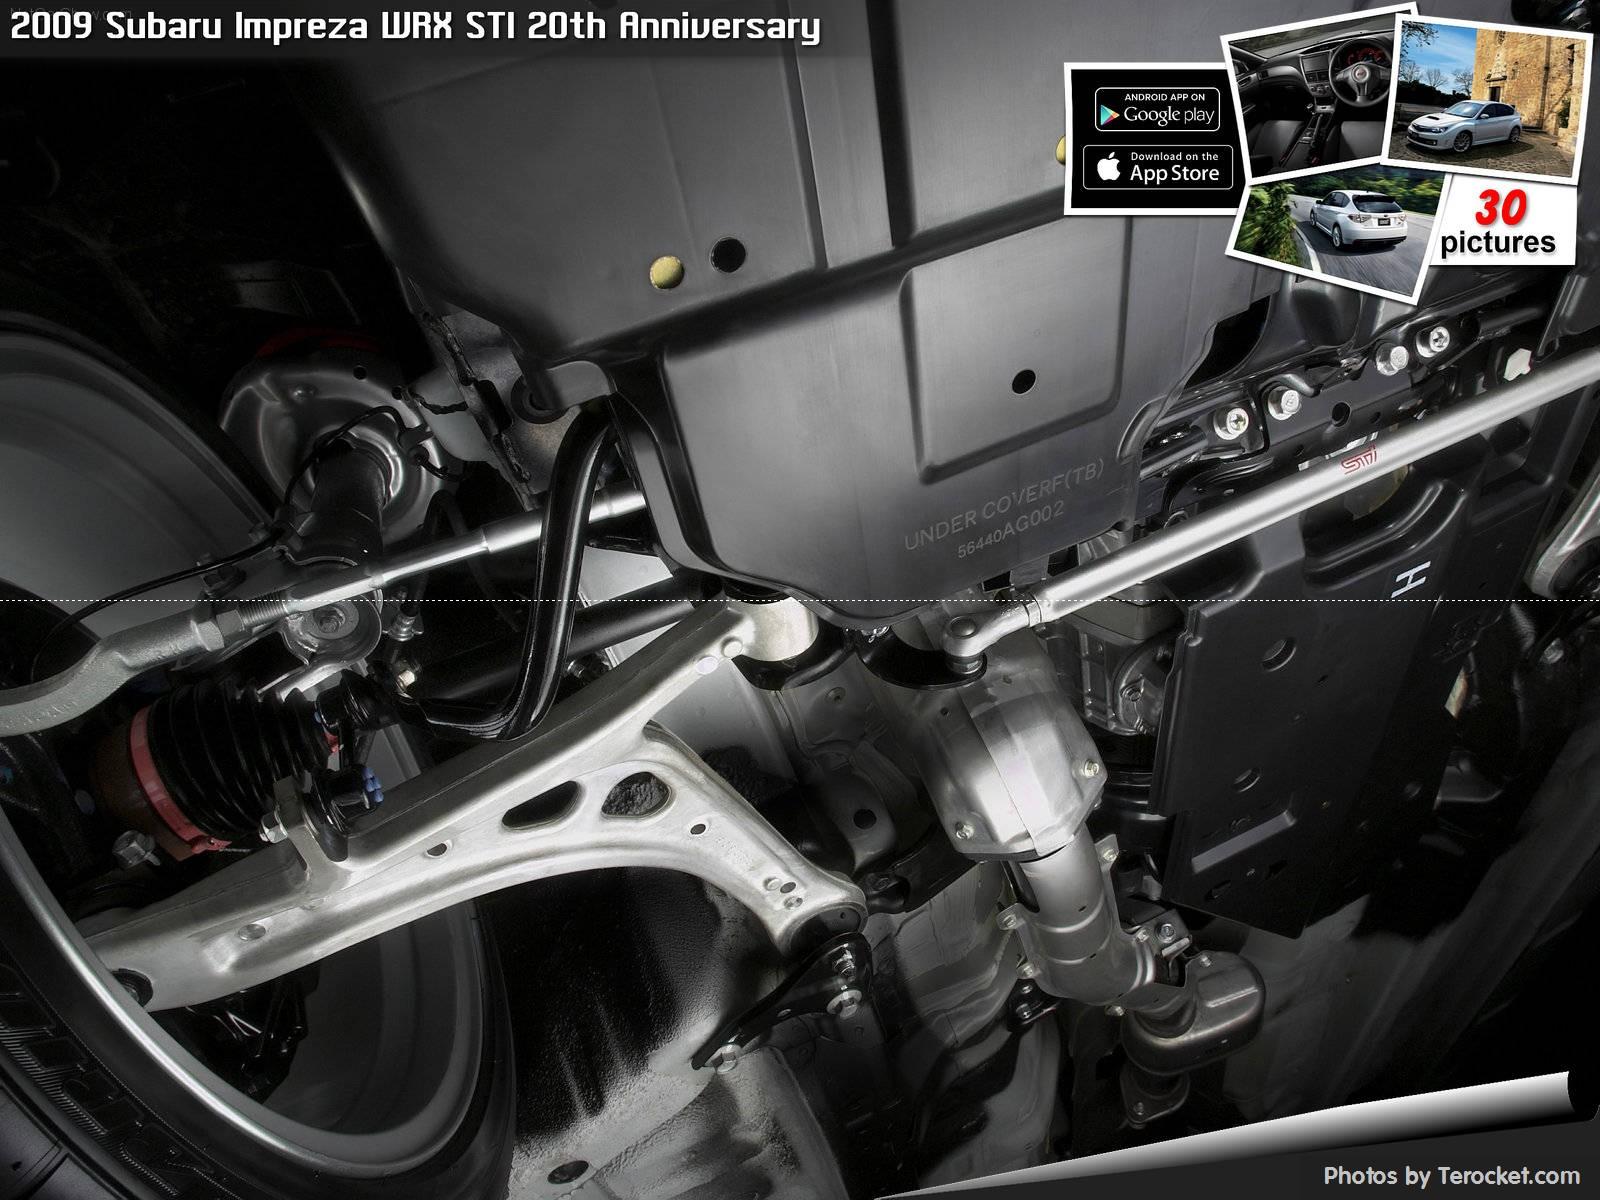 Hình ảnh xe ô tô Subaru Impreza WRX STI 20th Anniversary 2009 & nội ngoại thất